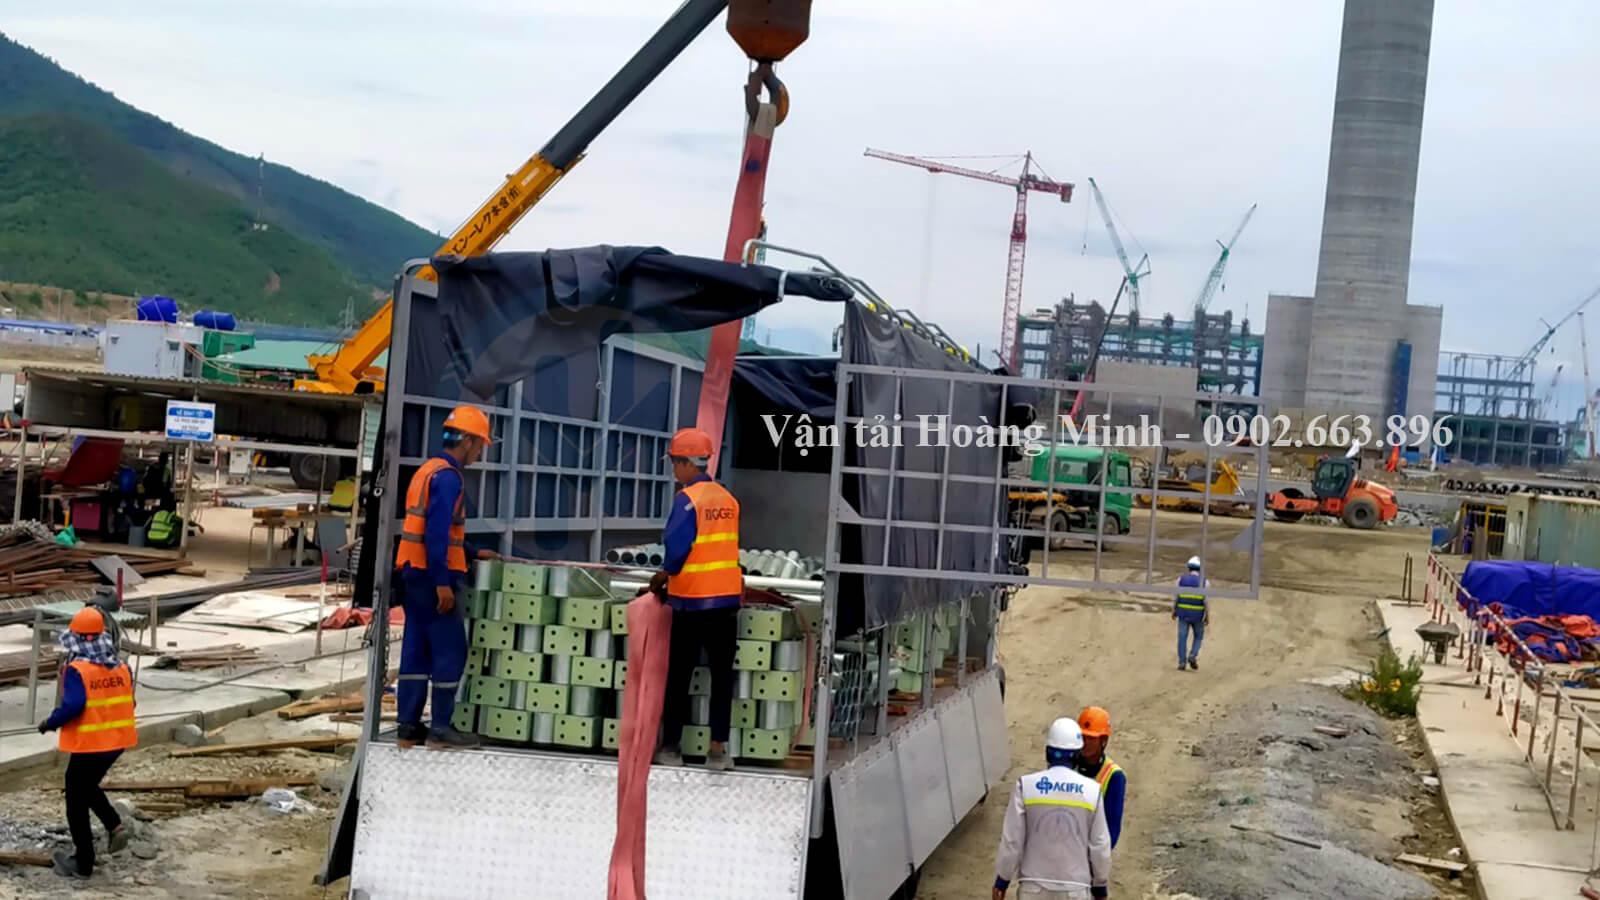 vận chuyển sắt thép vật liệu xây dựng bằng xe tải